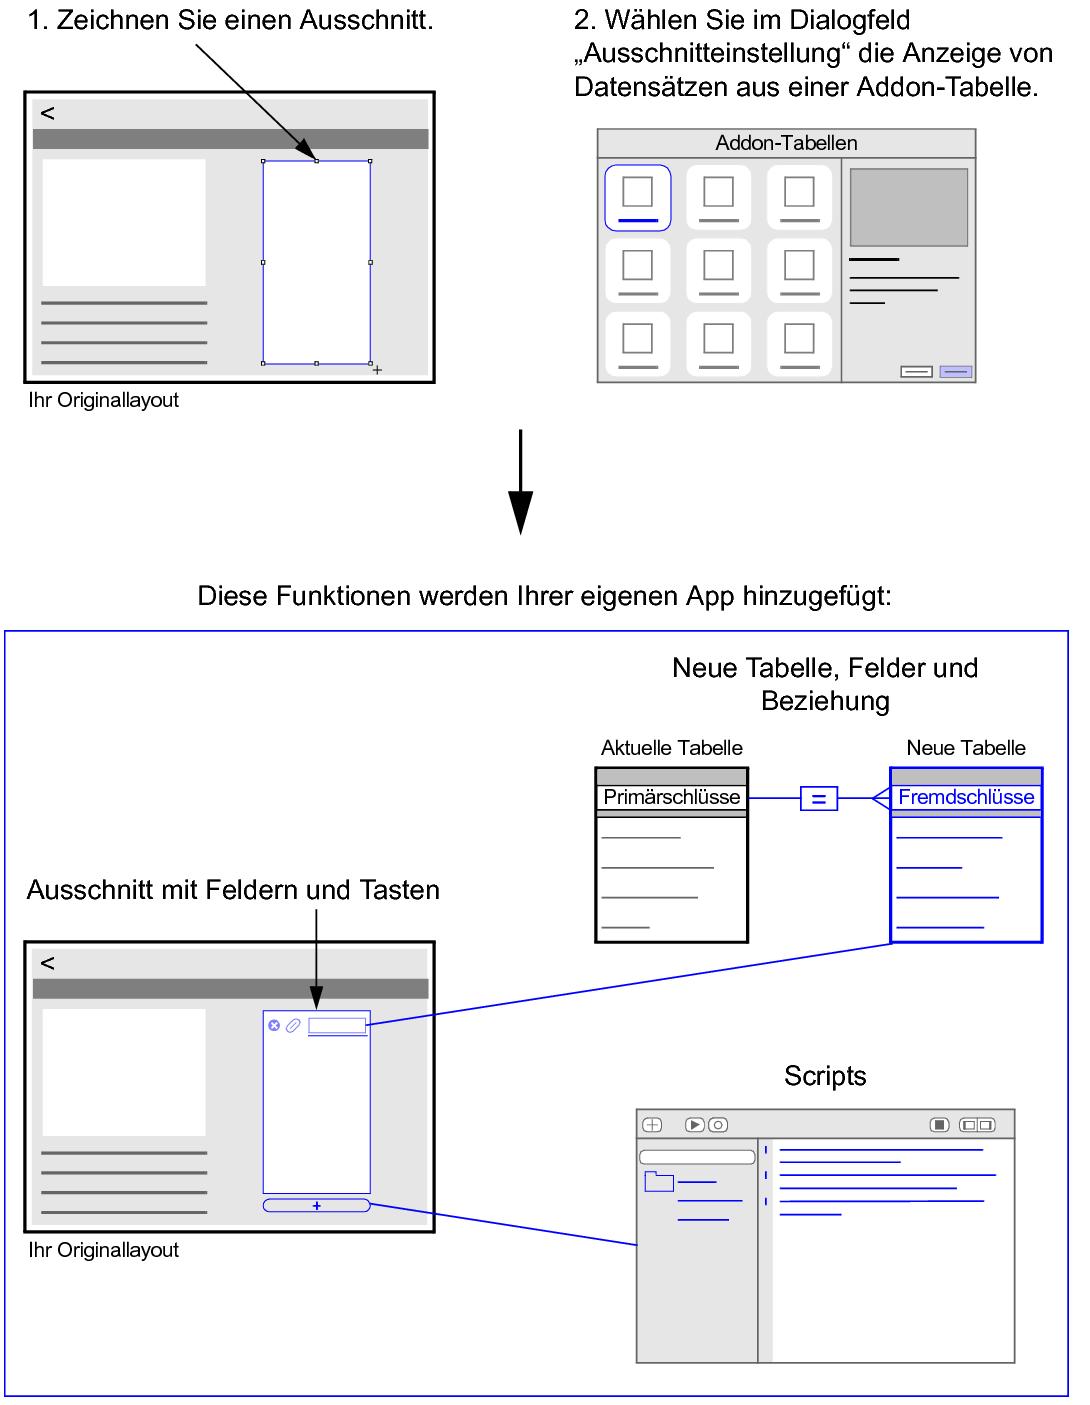 Hinzufügen von Addon-Tabellen zu eigenen Apps